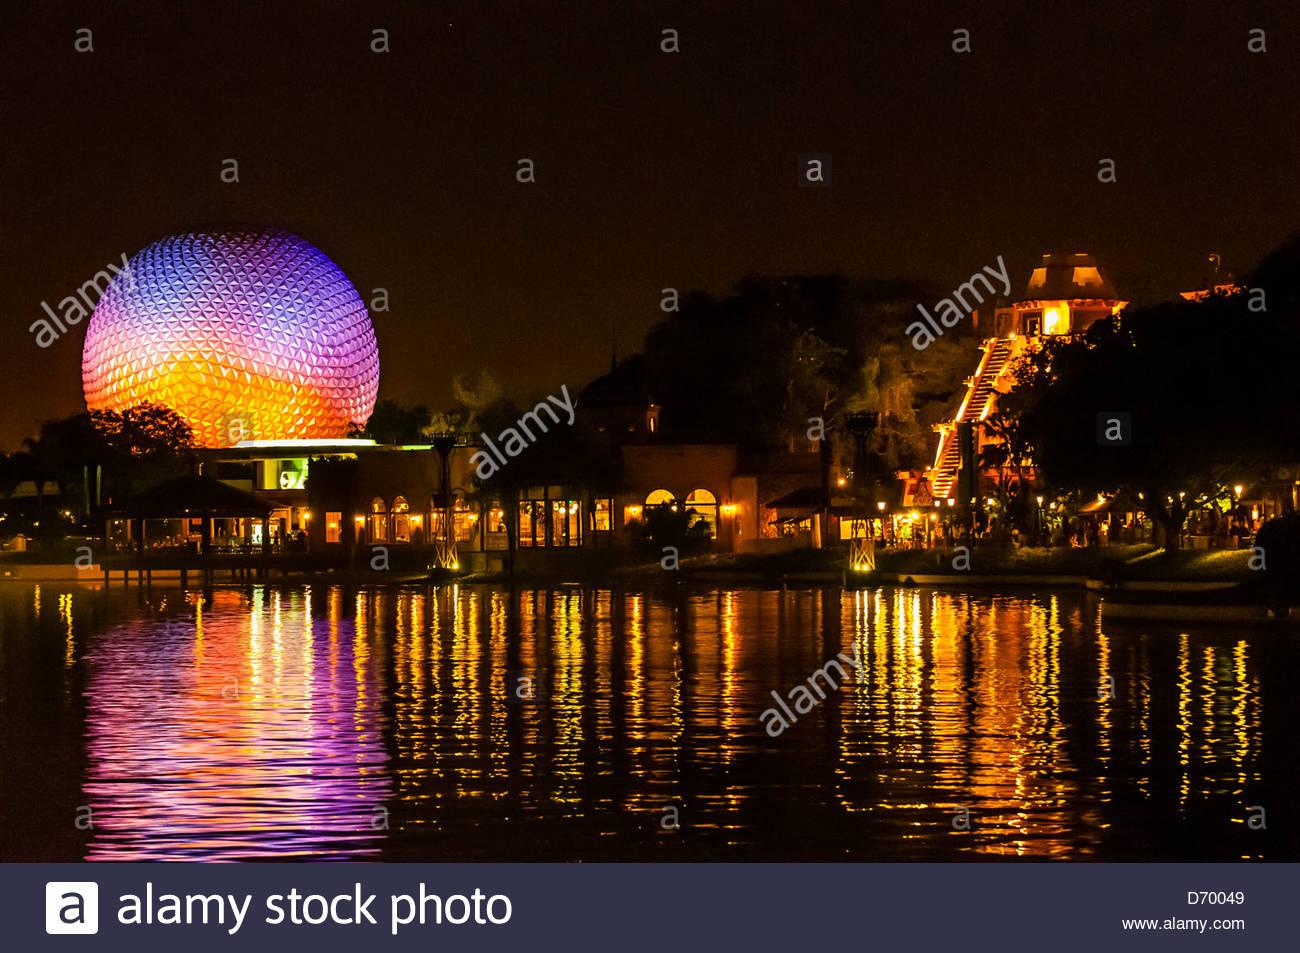 World Showcase Lagoon con Spaceship Earth (geosfera) en el fondo, Epcot, Walt Disney World, Orlando, Florida, EE.UU. Imagen De Stock